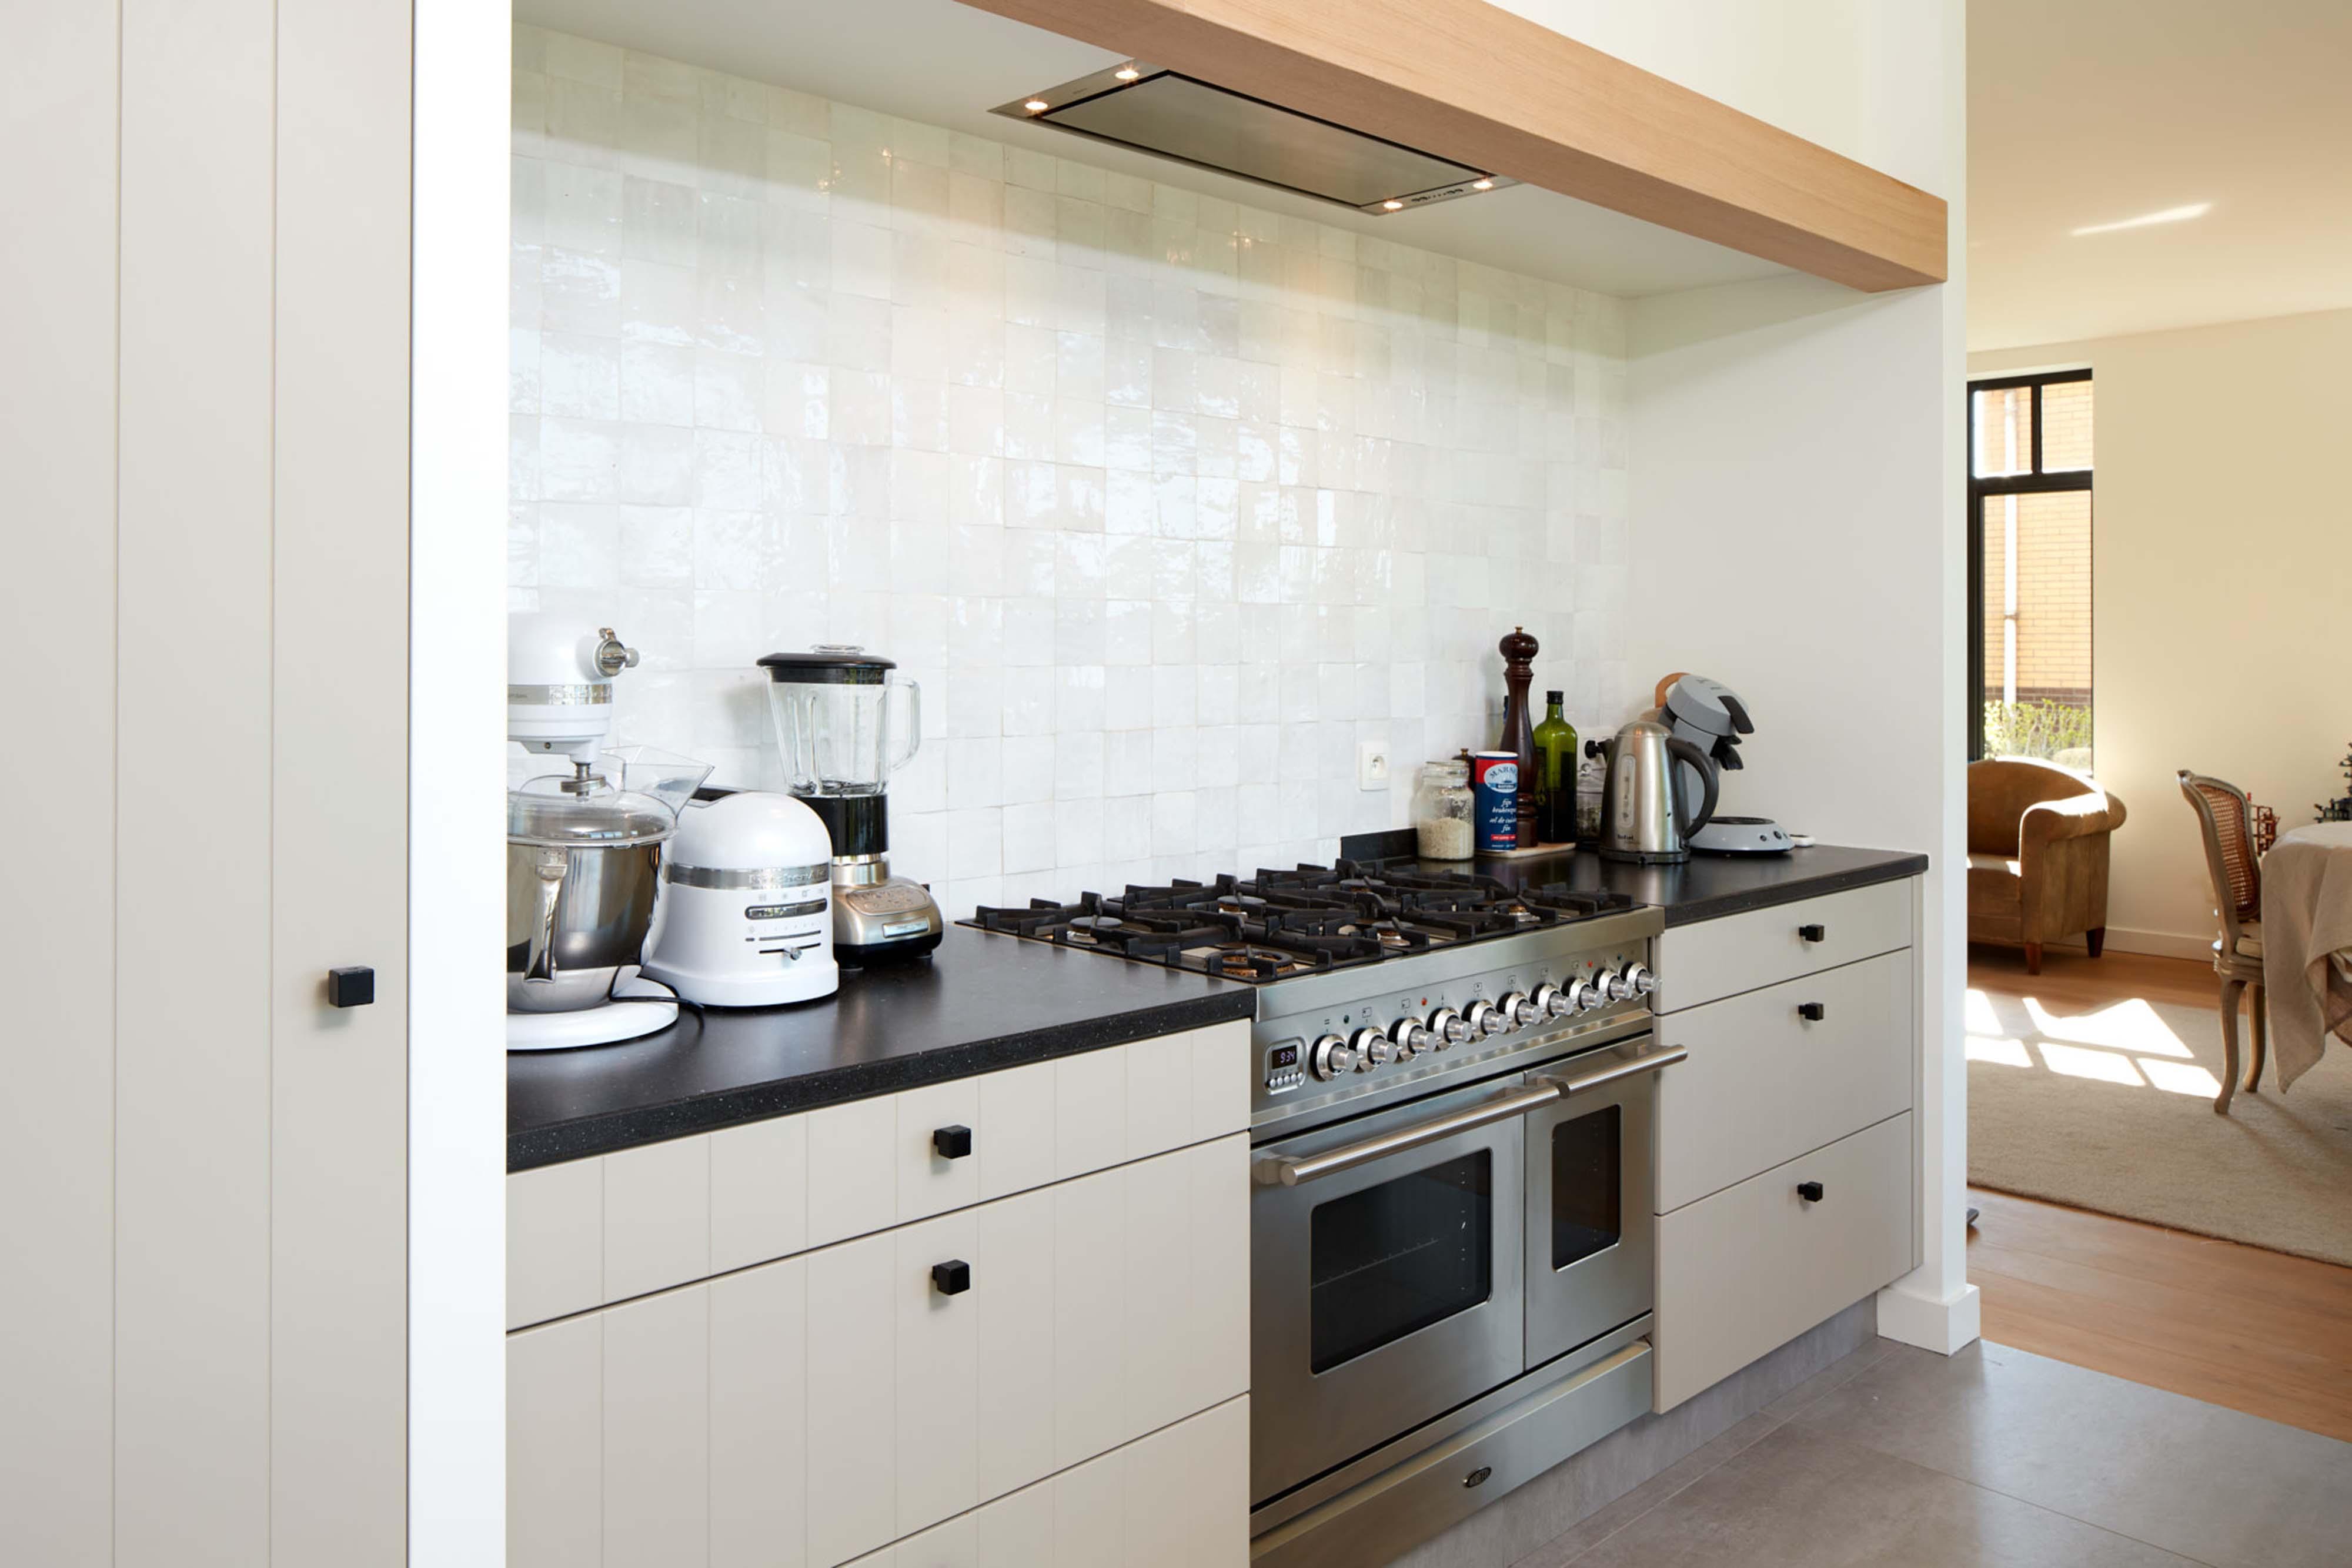 Webo-keukens-op-maat-Aarschot-Vercammen-keuken